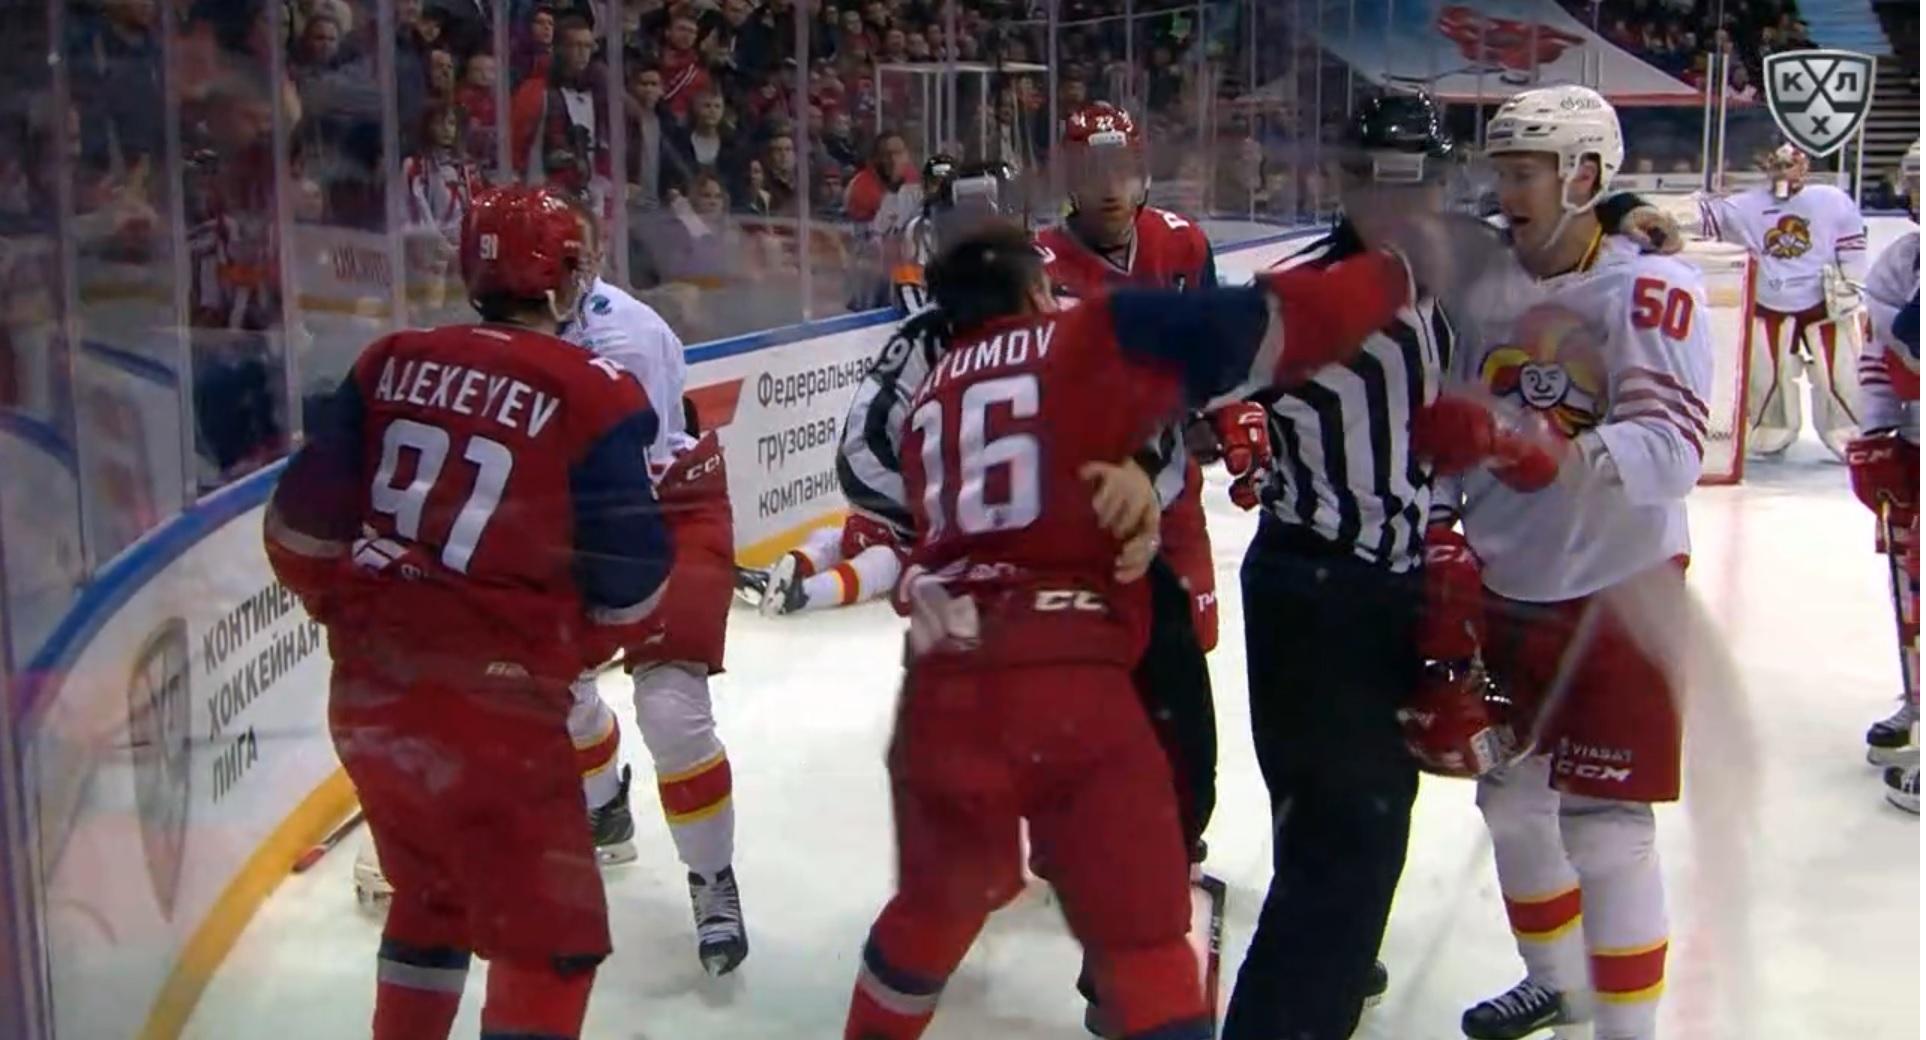 Хоккеист «Локомотива» хотел подраться с соперником, но попал кулаком точно в зубы арбитру (ВИДЕО) - фото